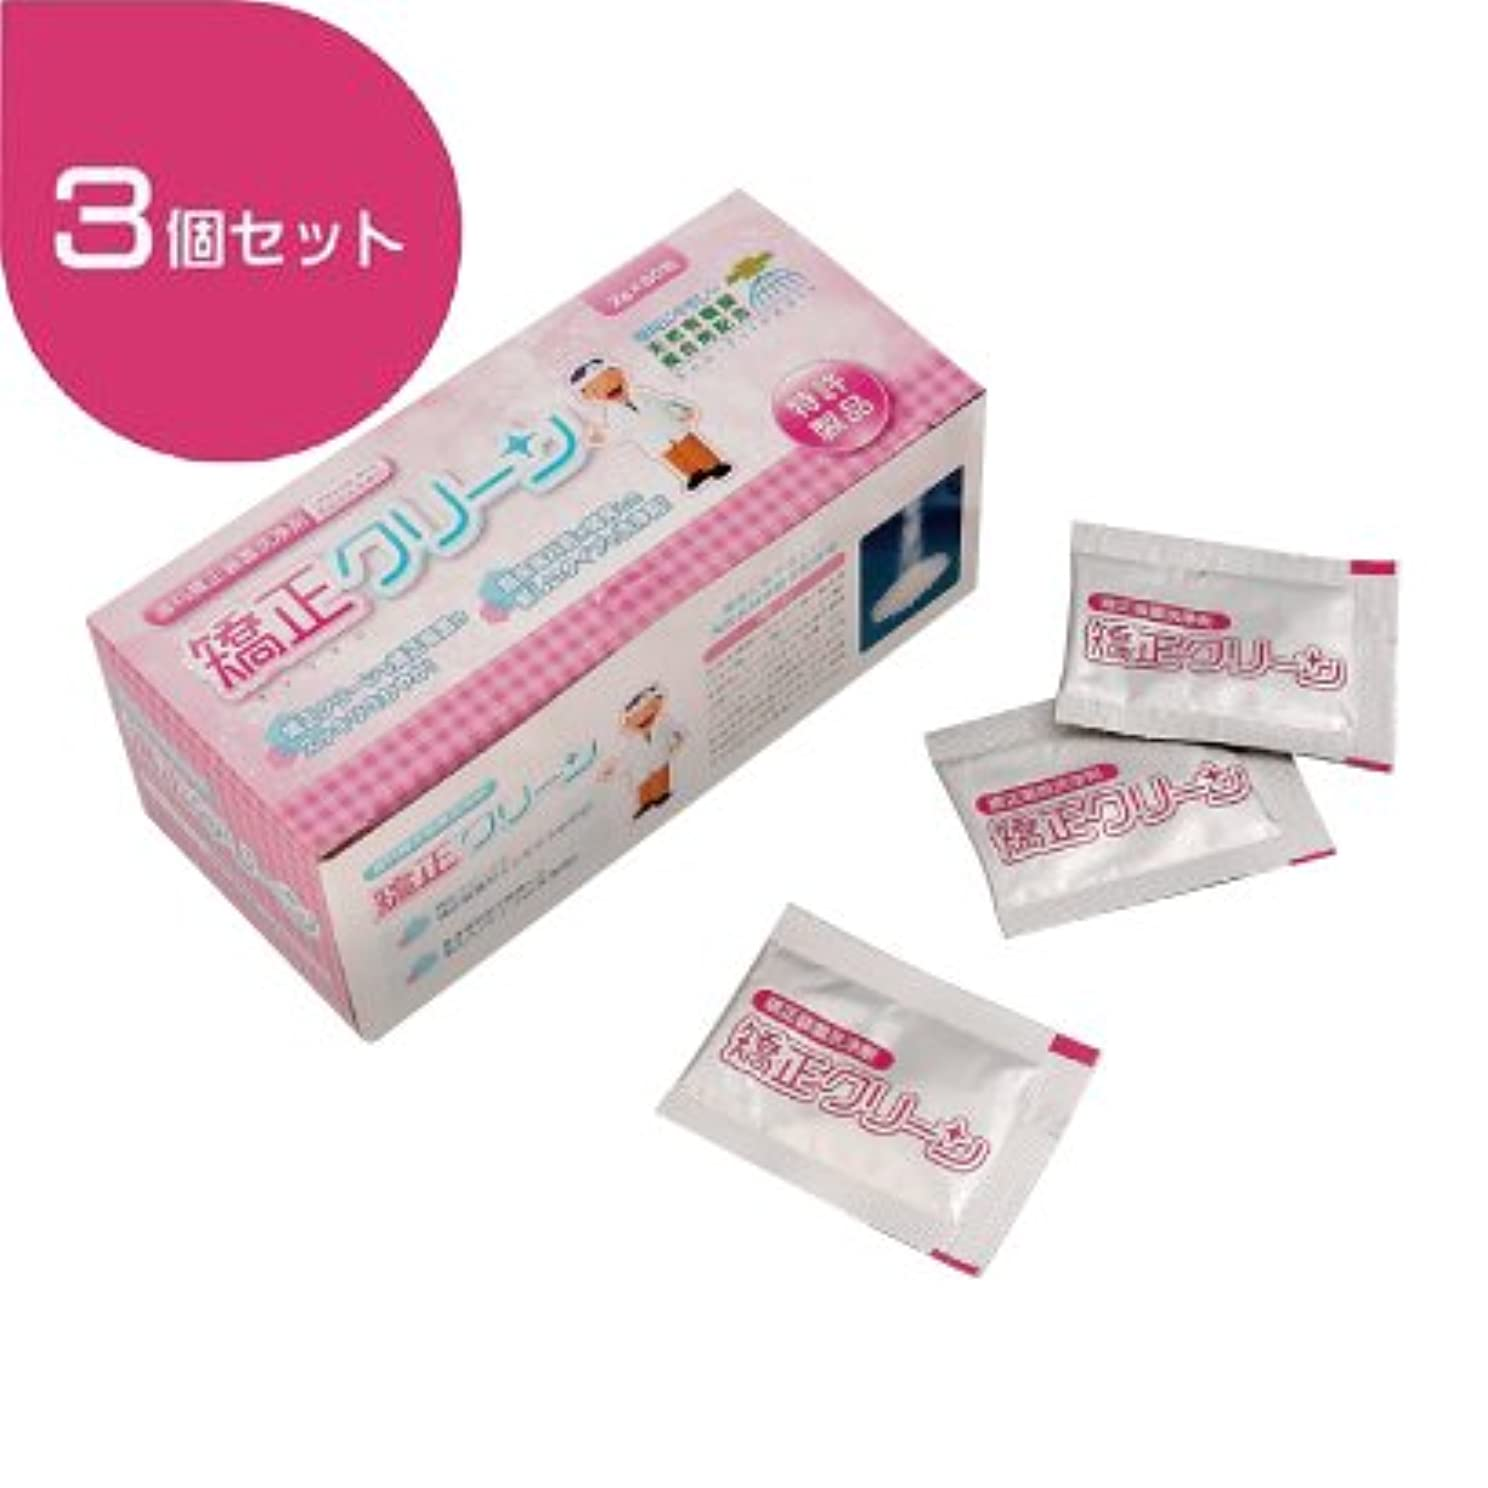 矯正クリーン 1箱(2g×60包入り) × 3個 歯科矯正装置用洗浄剤